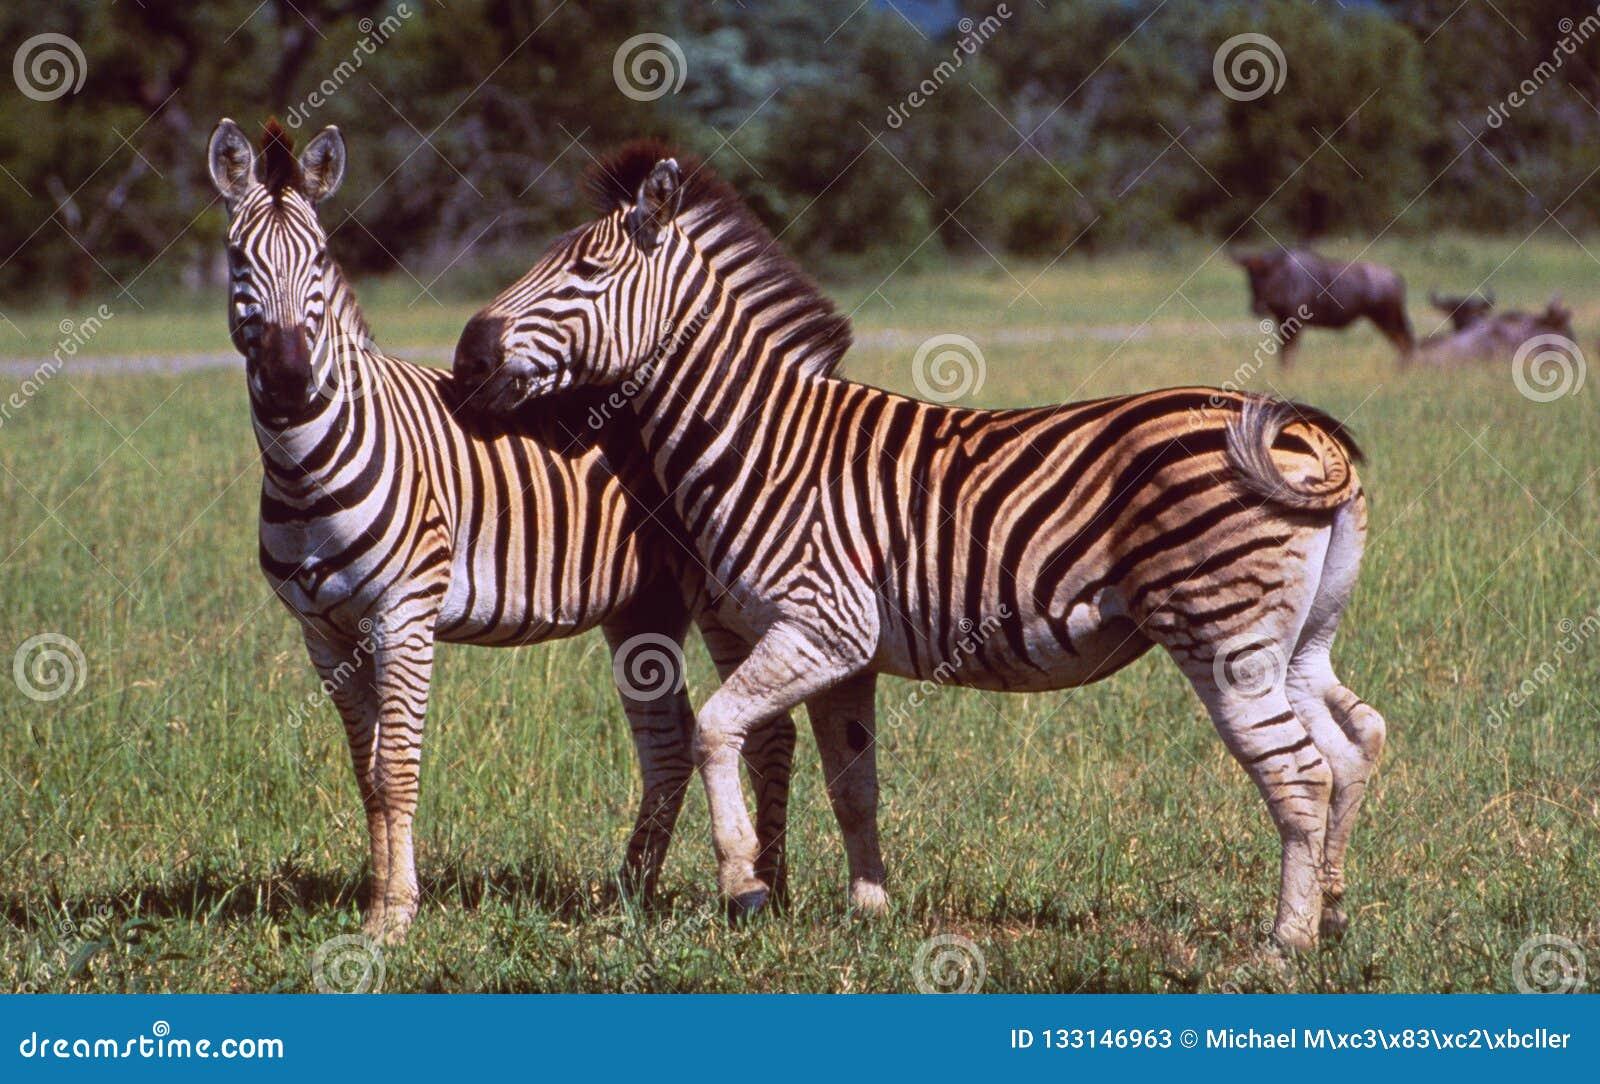 Südafrika: Zwei Zebras in der Wildnis von Hluhluwe-wild lebenden Tieren